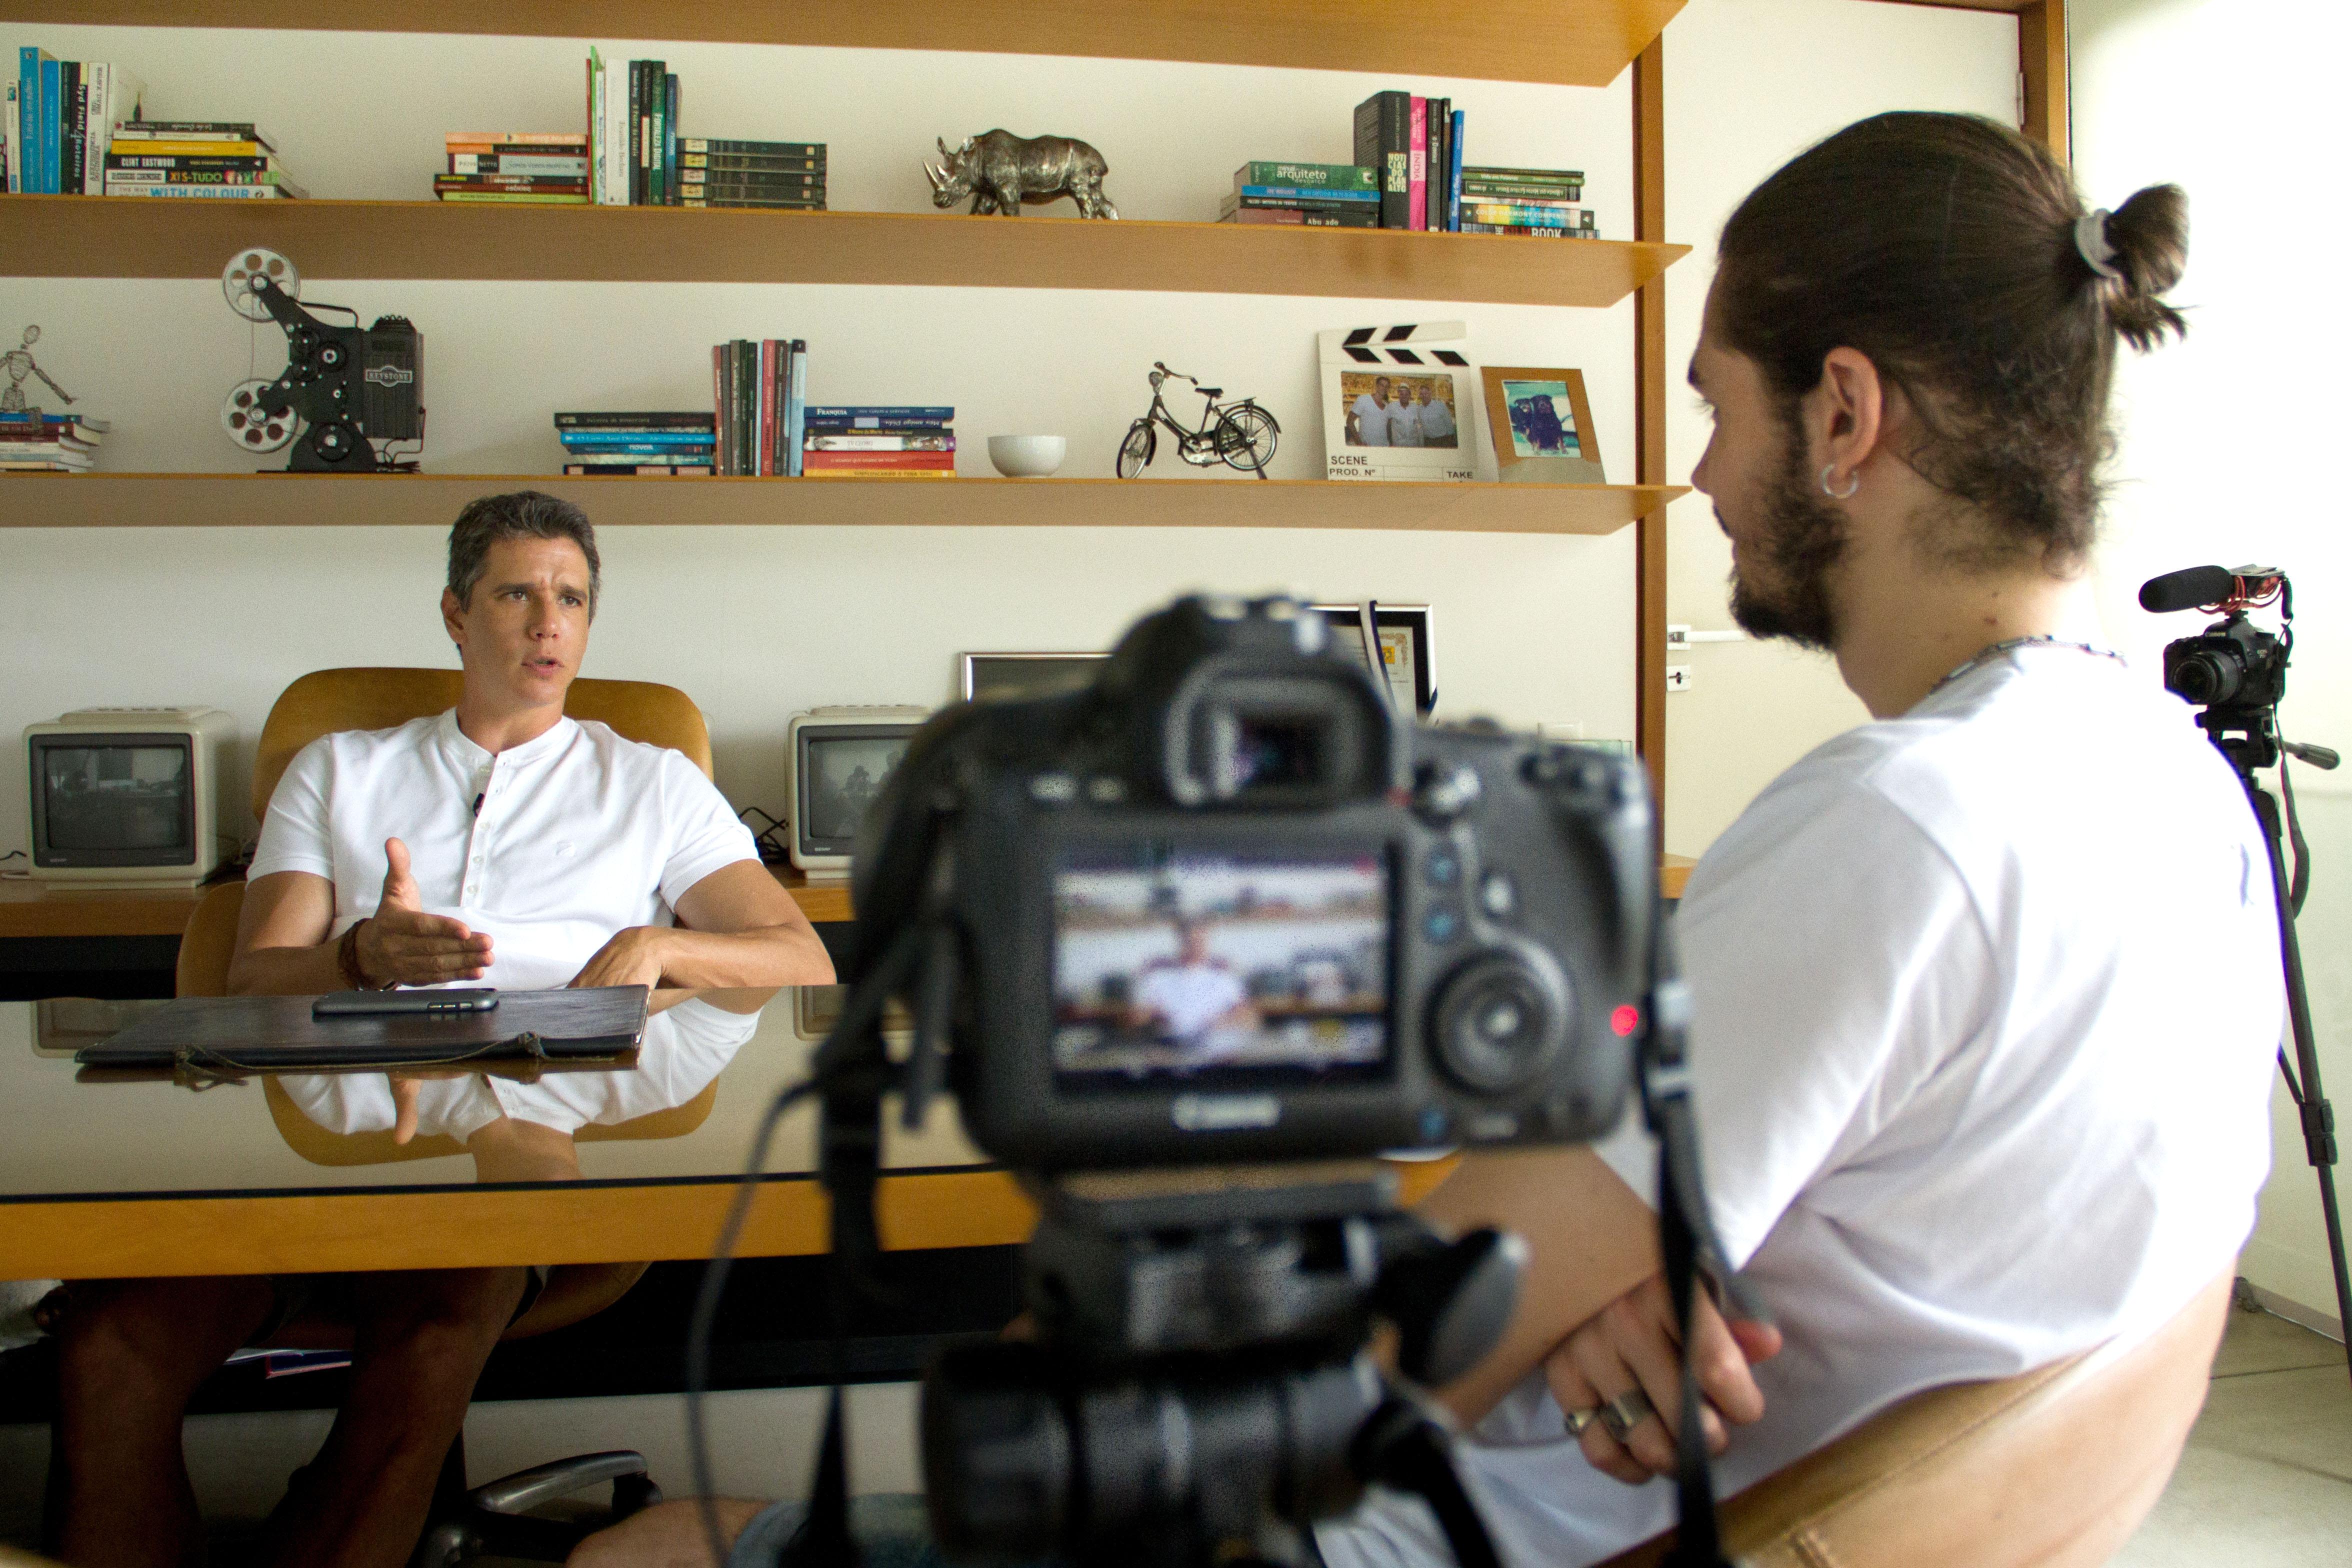 Márcio Garcia dá a sua opinião sobre a dedução fiscal na indústria cinematográfica brasileira.